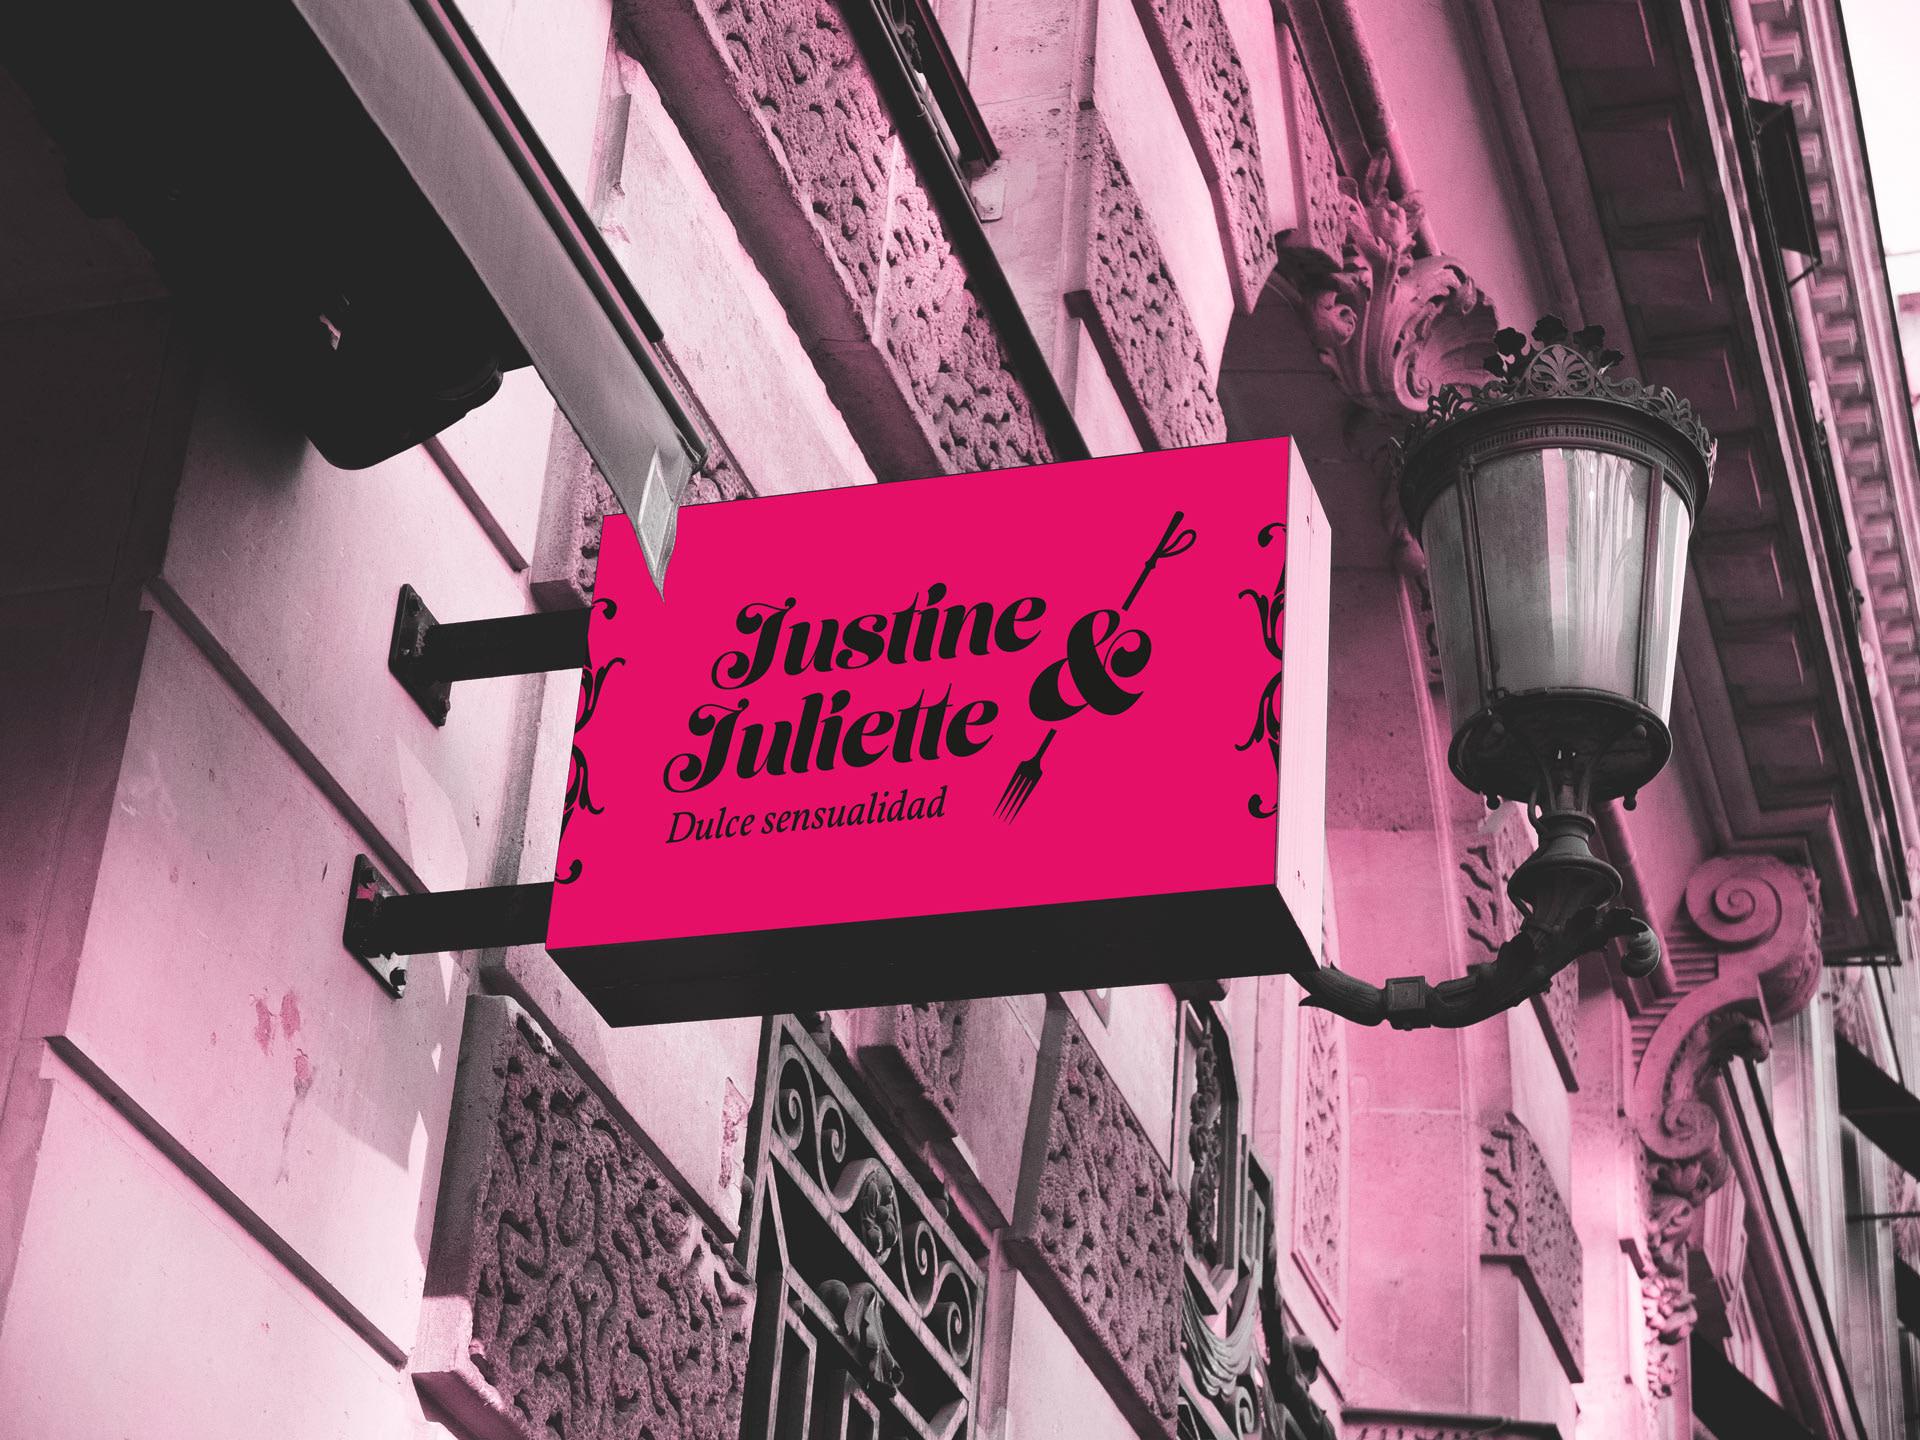 Cartel 2 - Propuesta de diseño de identidad visual corporativa de Confitería Justine y Juliette